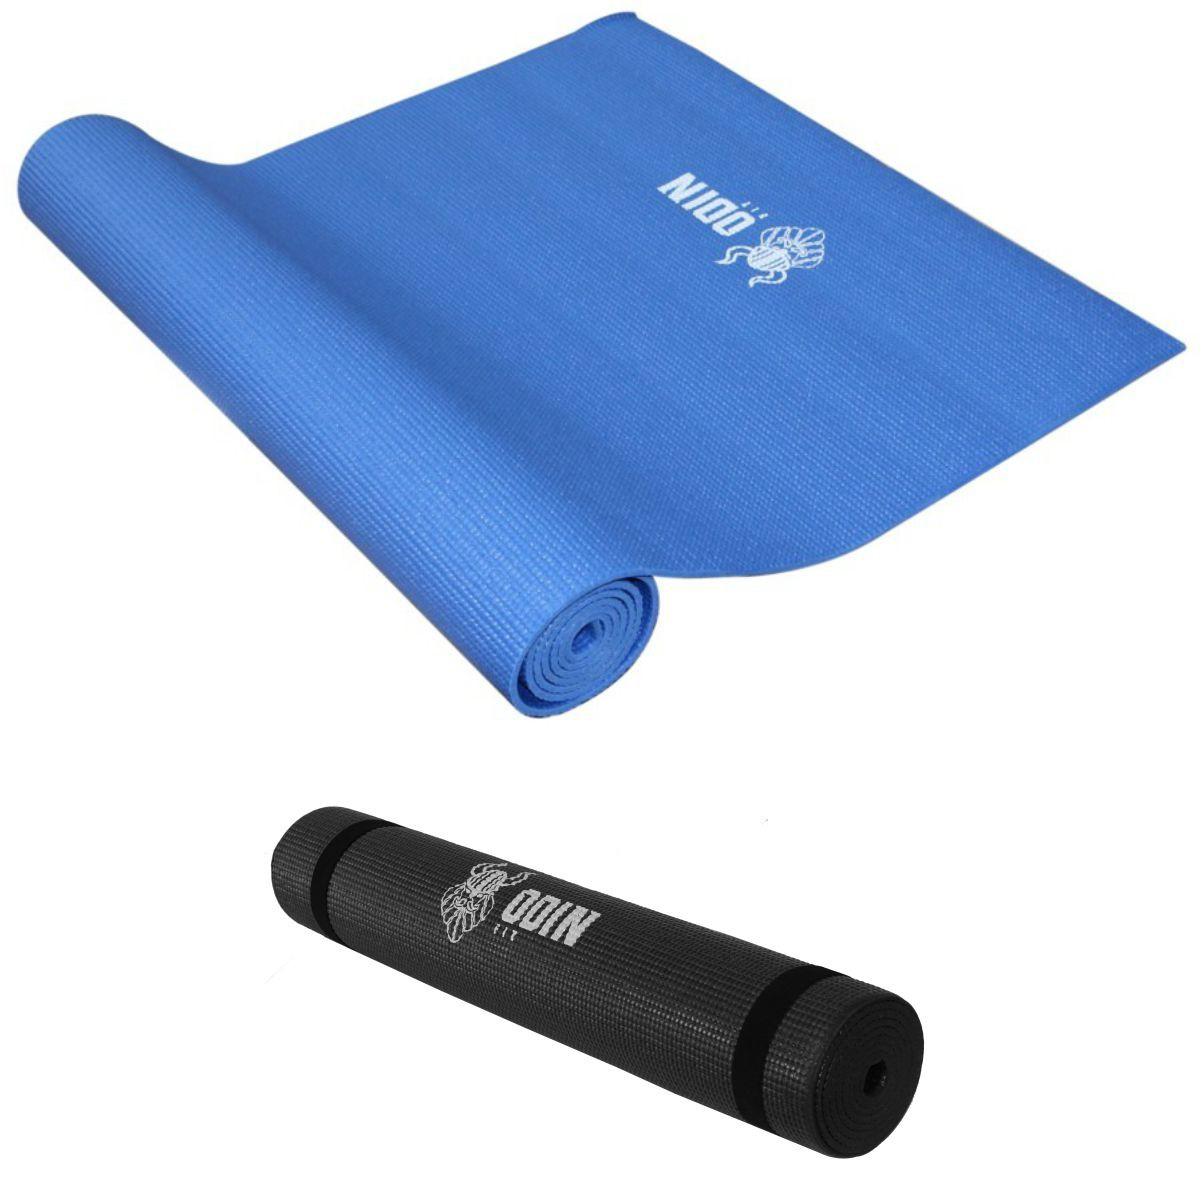 Tapete de Yoga Mat em PVC - Odin Fit